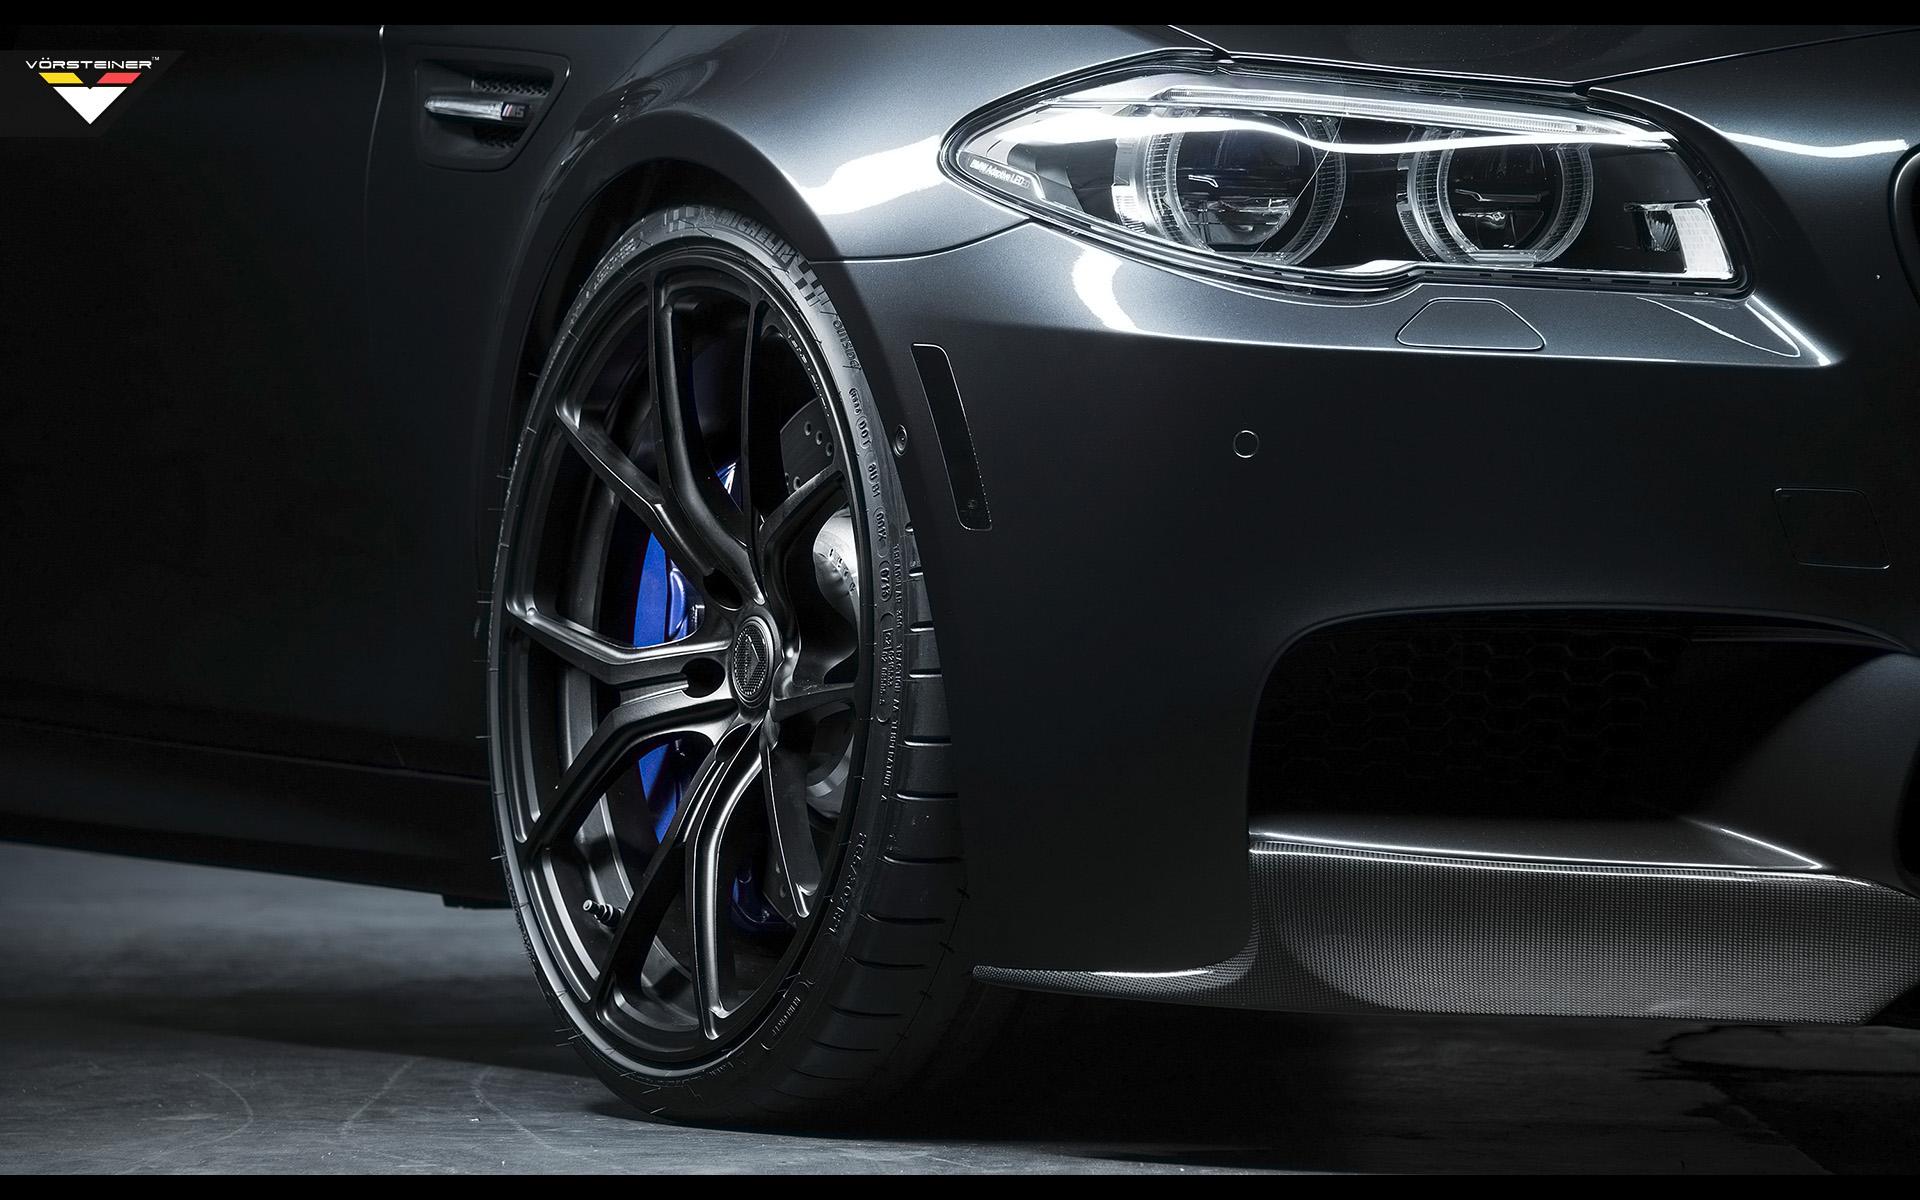 2014 Vorsteiner BMW F10 M5 m-5 tuning wheel d wallpaper | 1920x1200 ...